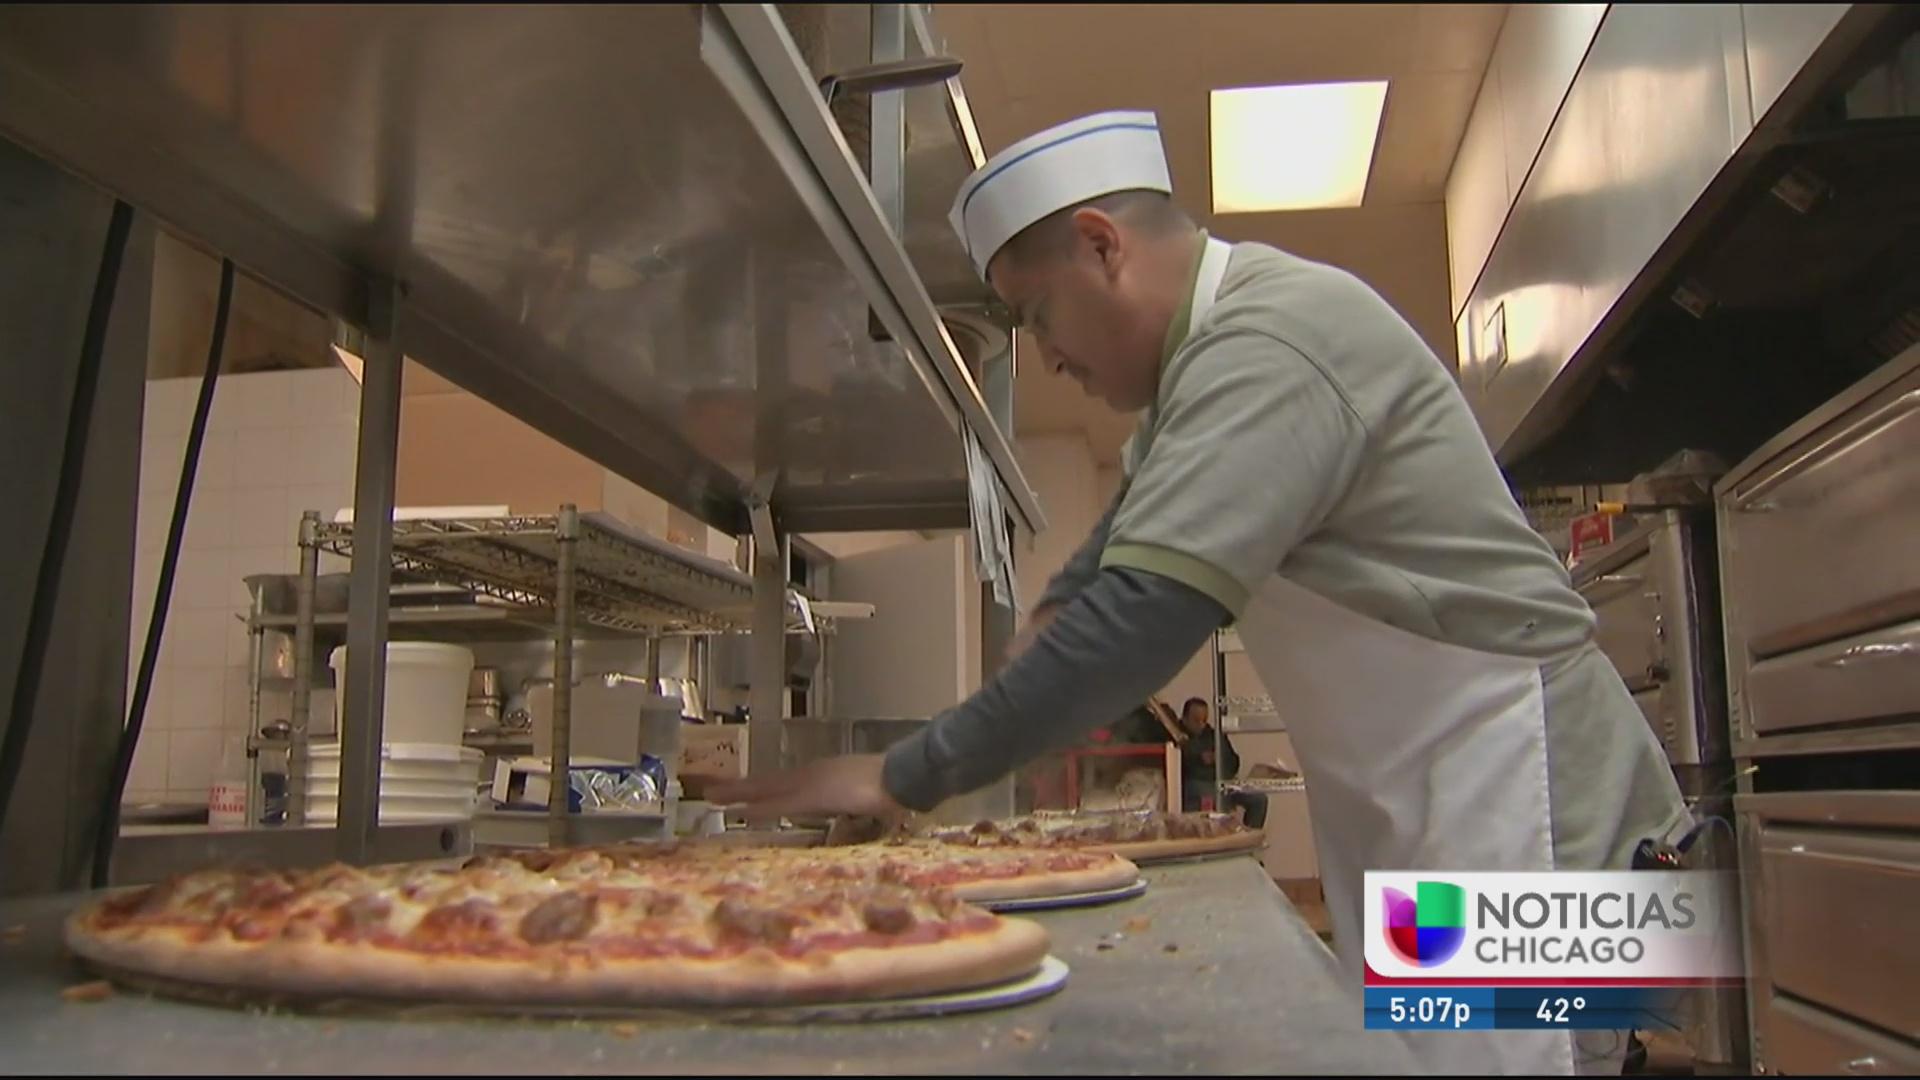 Las pizzerías se prepararon para el Super Bowl